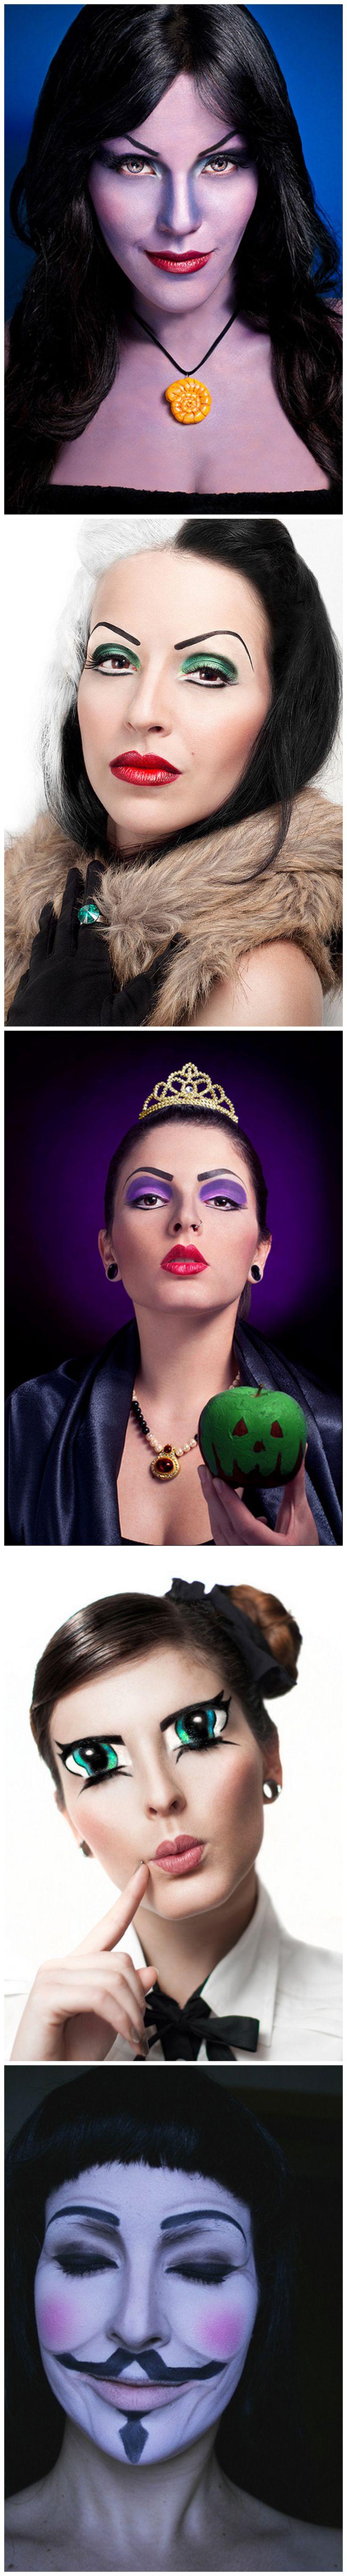 Makeup Queen, Andrea Martini from Venezuela #Disney #Costume #Cosplay